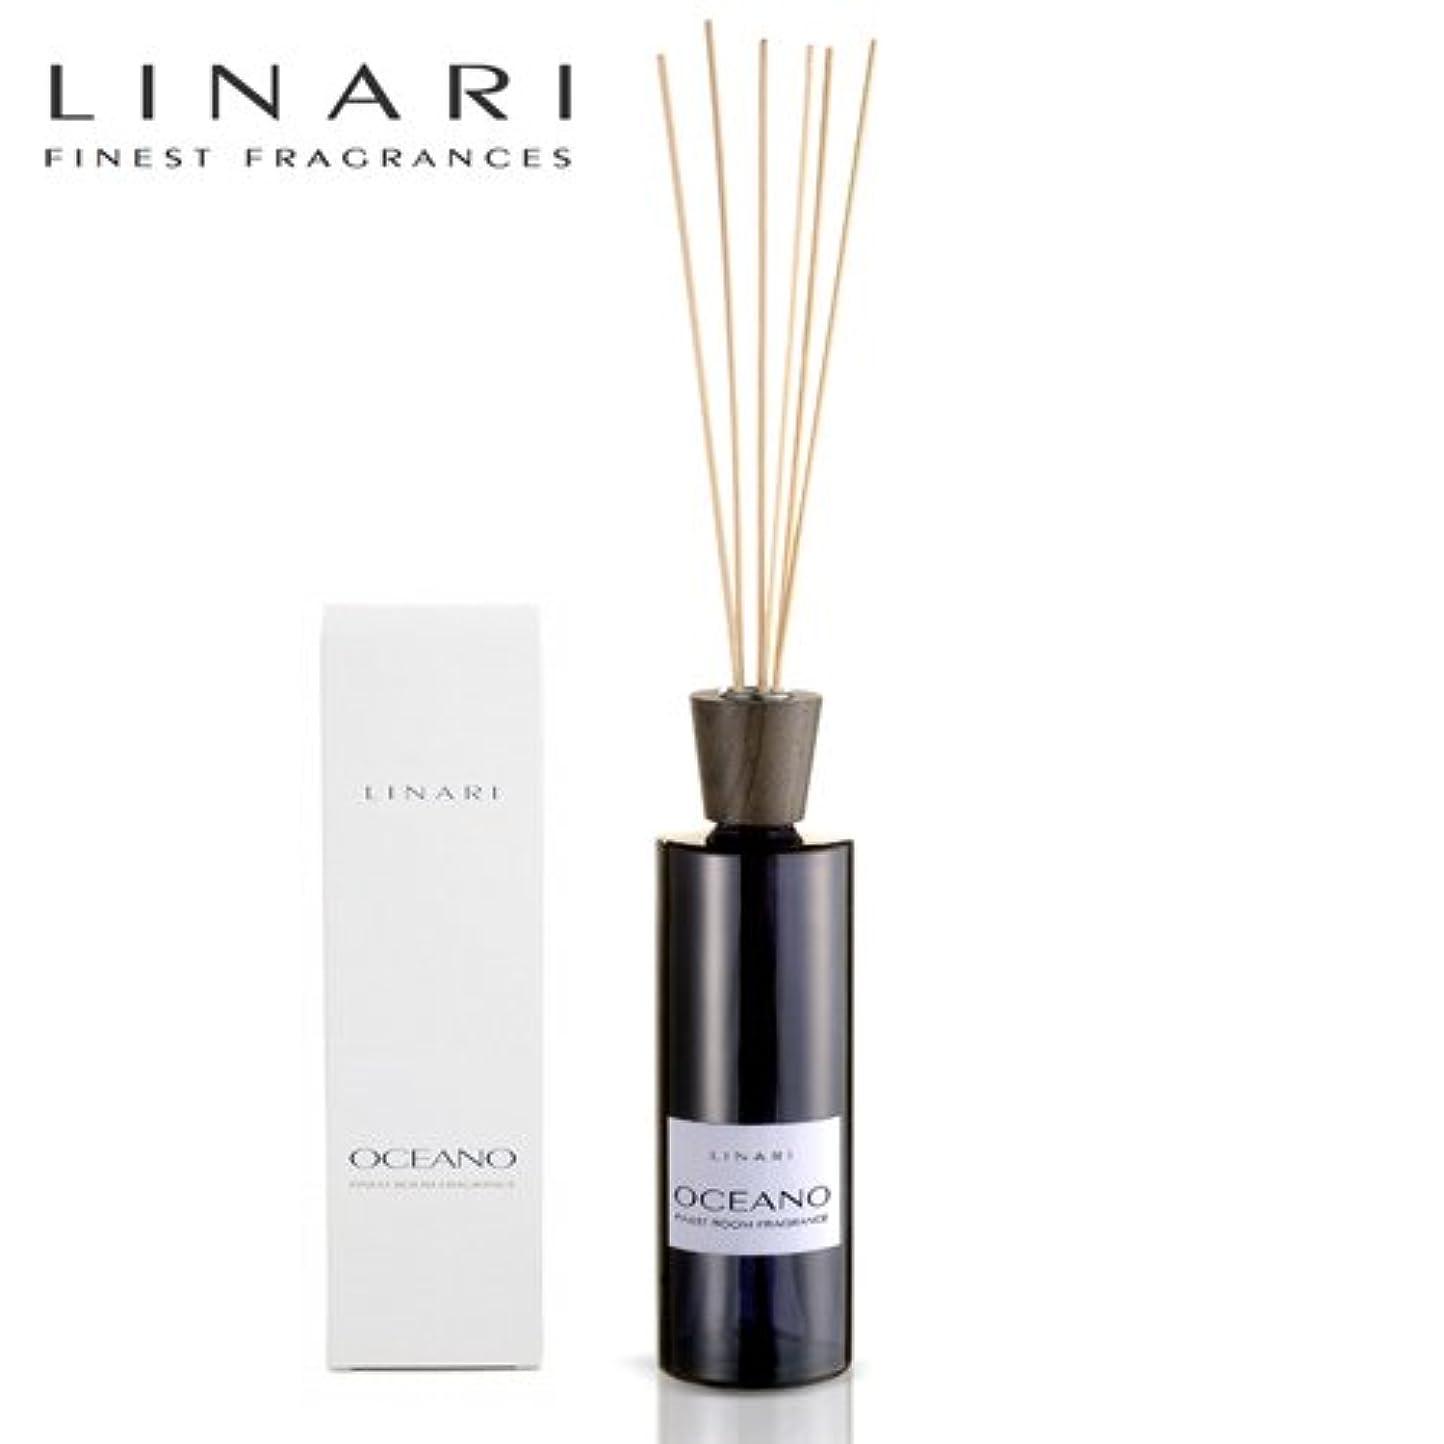 なす推進免疫LINARI リナーリ ルームディフューザー 500ml OCEANO オセアノ ナチュラルスティック natural stick room diffuser